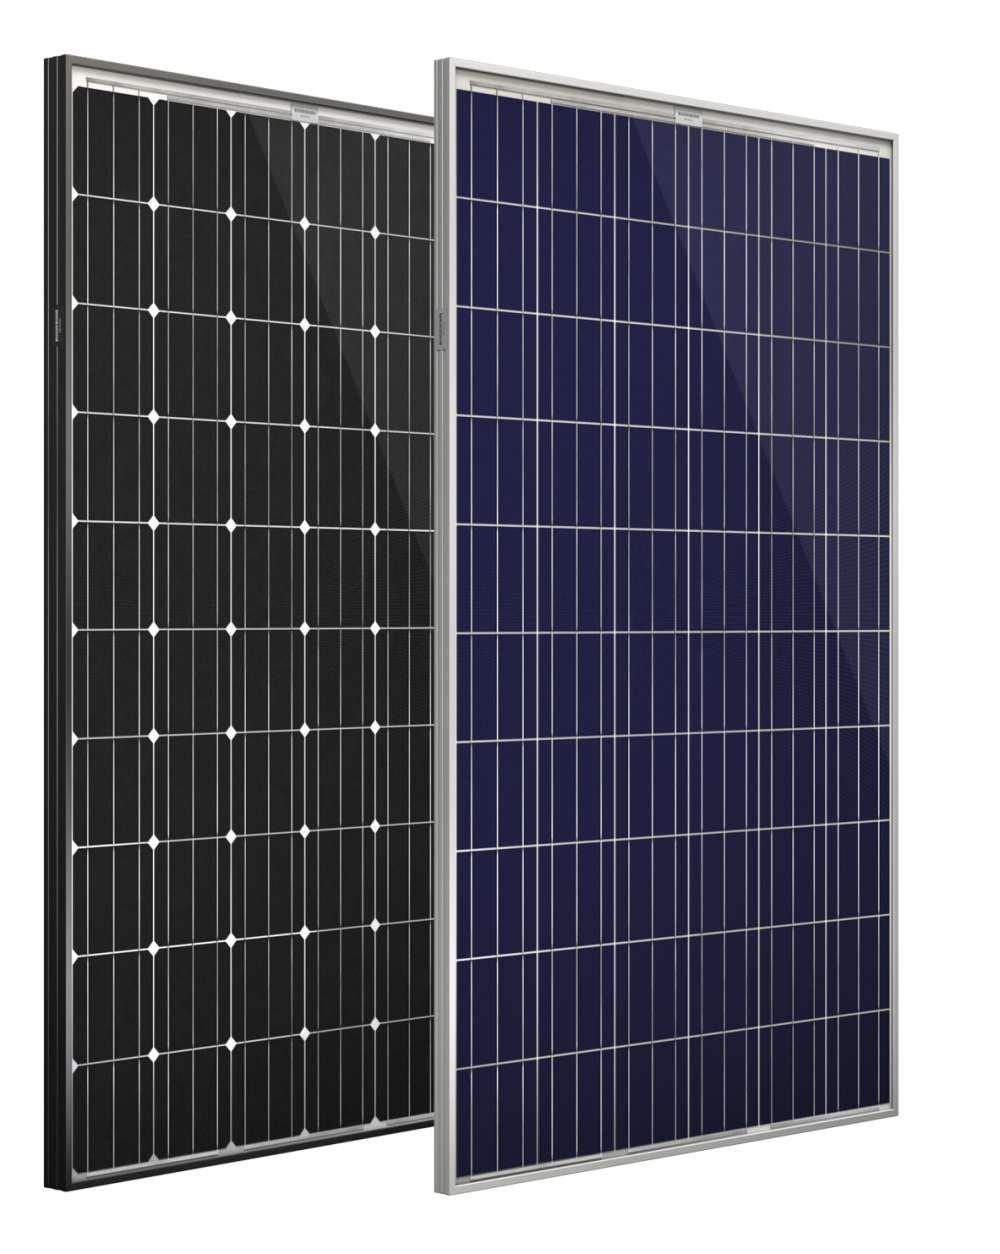 Bild mit 2 Modulen: Photovoltaikmodule: Mono (li.) und Polymodul (re.)